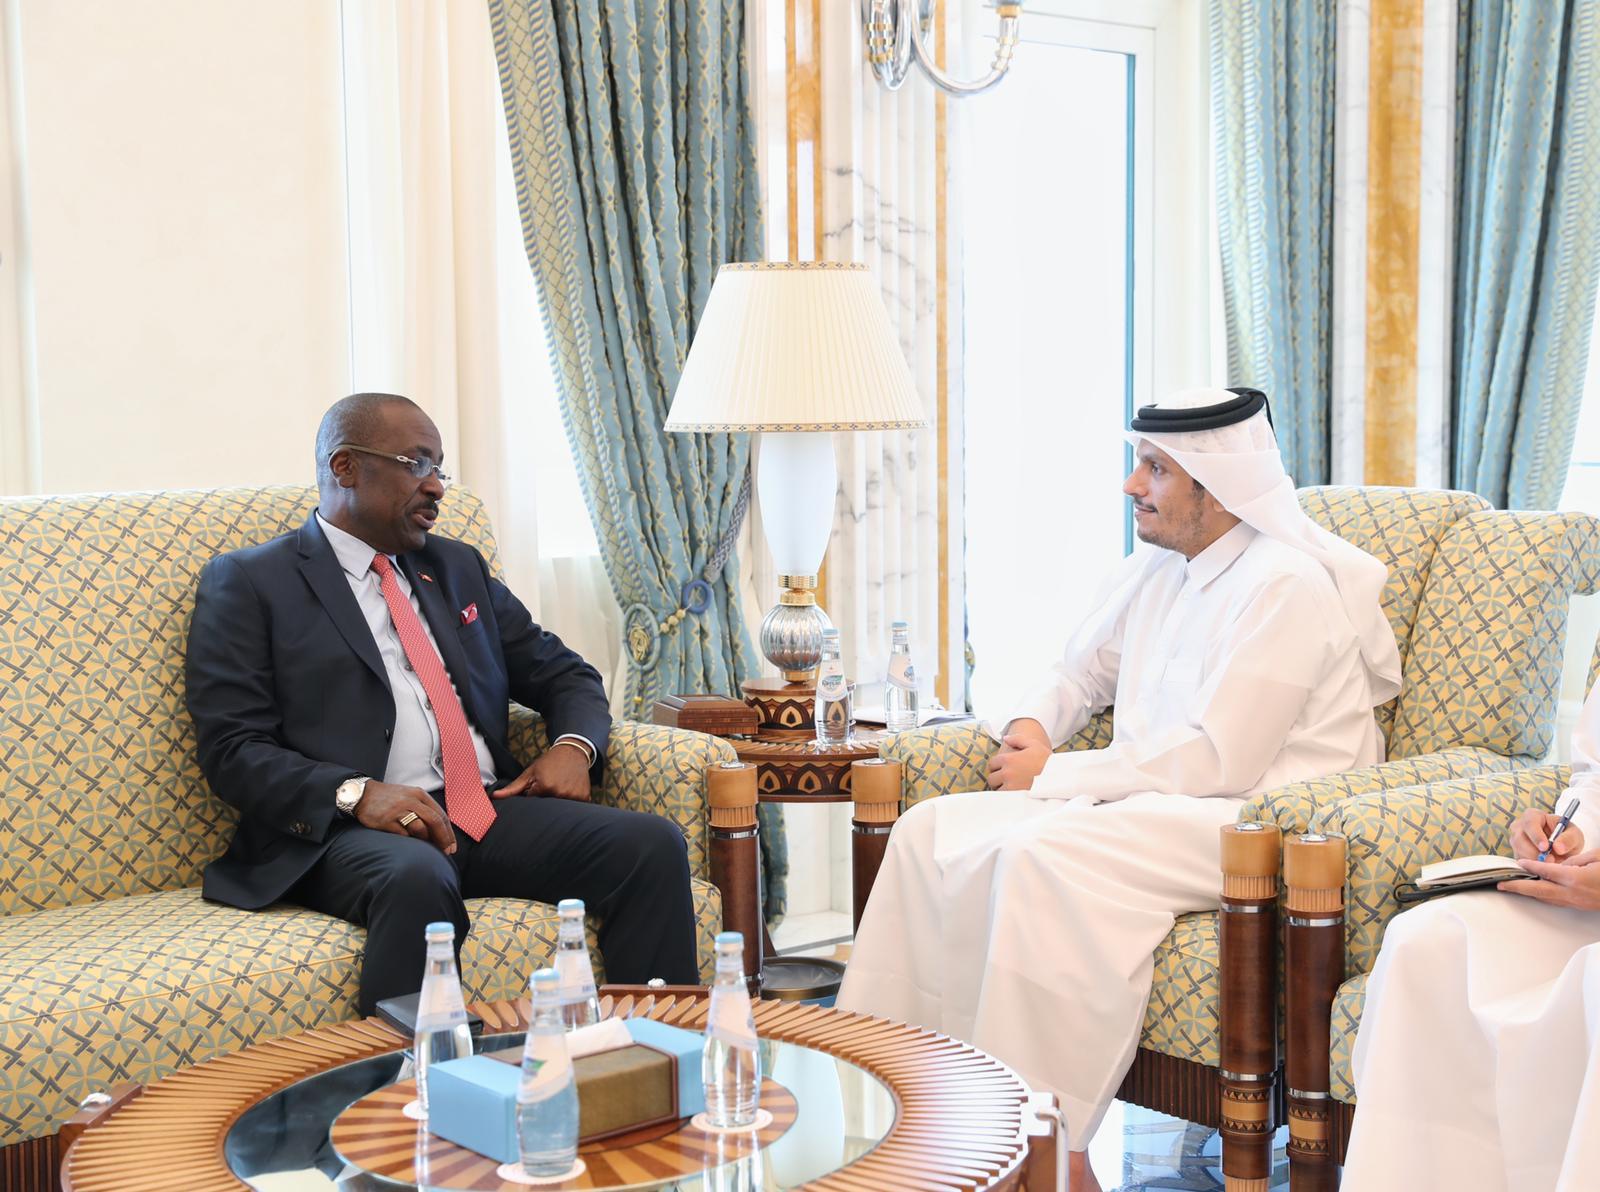 نائب رئيس مجلس الوزراء وزير الخارجية يجتمع مع وزير الخارجية والهجرة والتجارة في جمهورية انتيغوا وبربودا